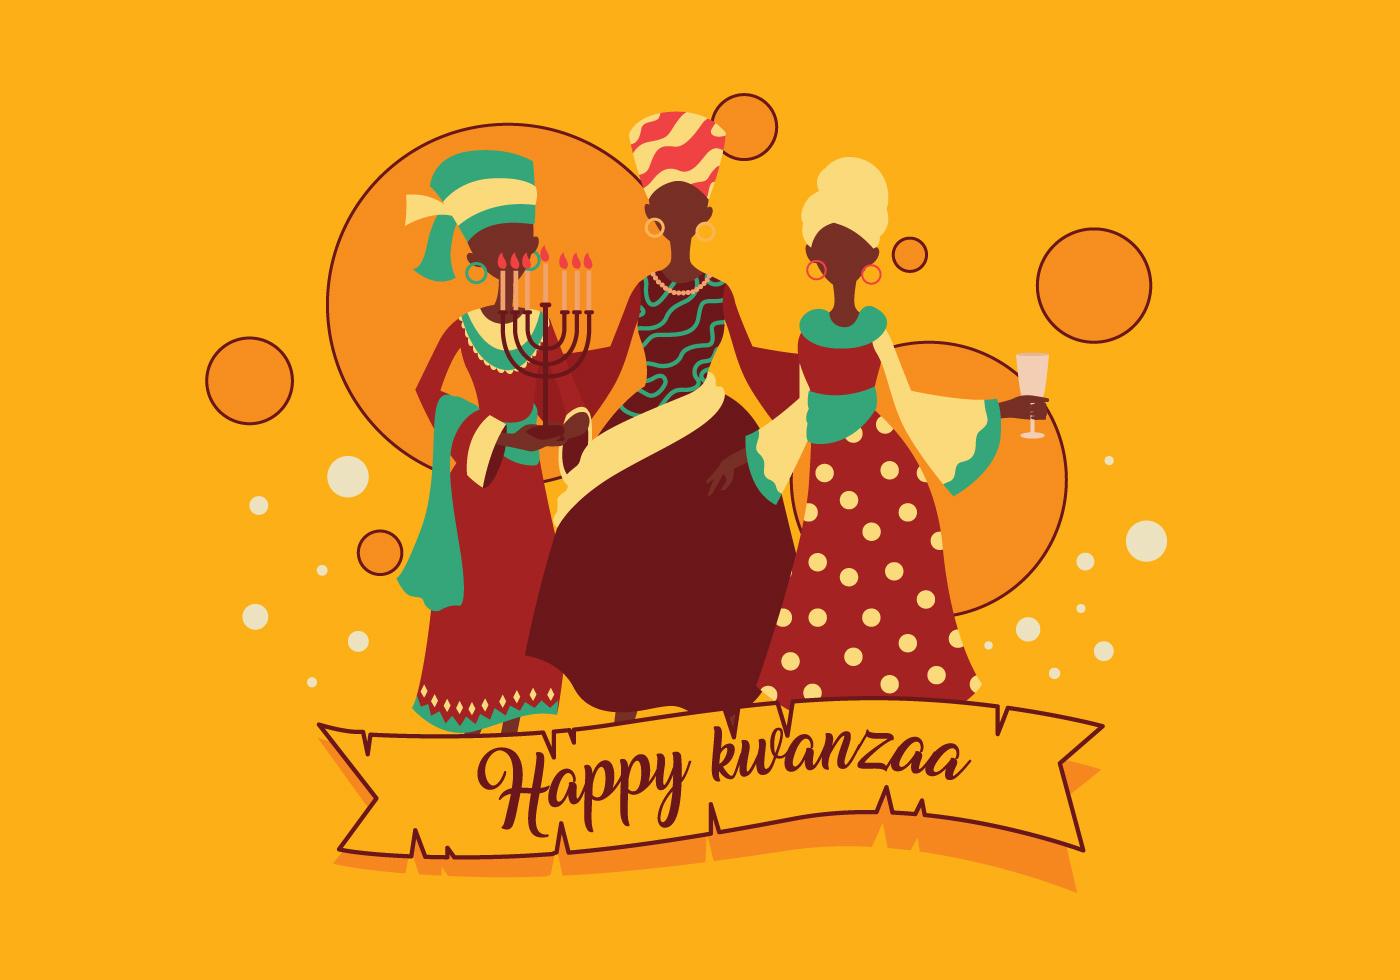 Happy Kwanzaa Vector - Download Free Vectors, Clipart ...